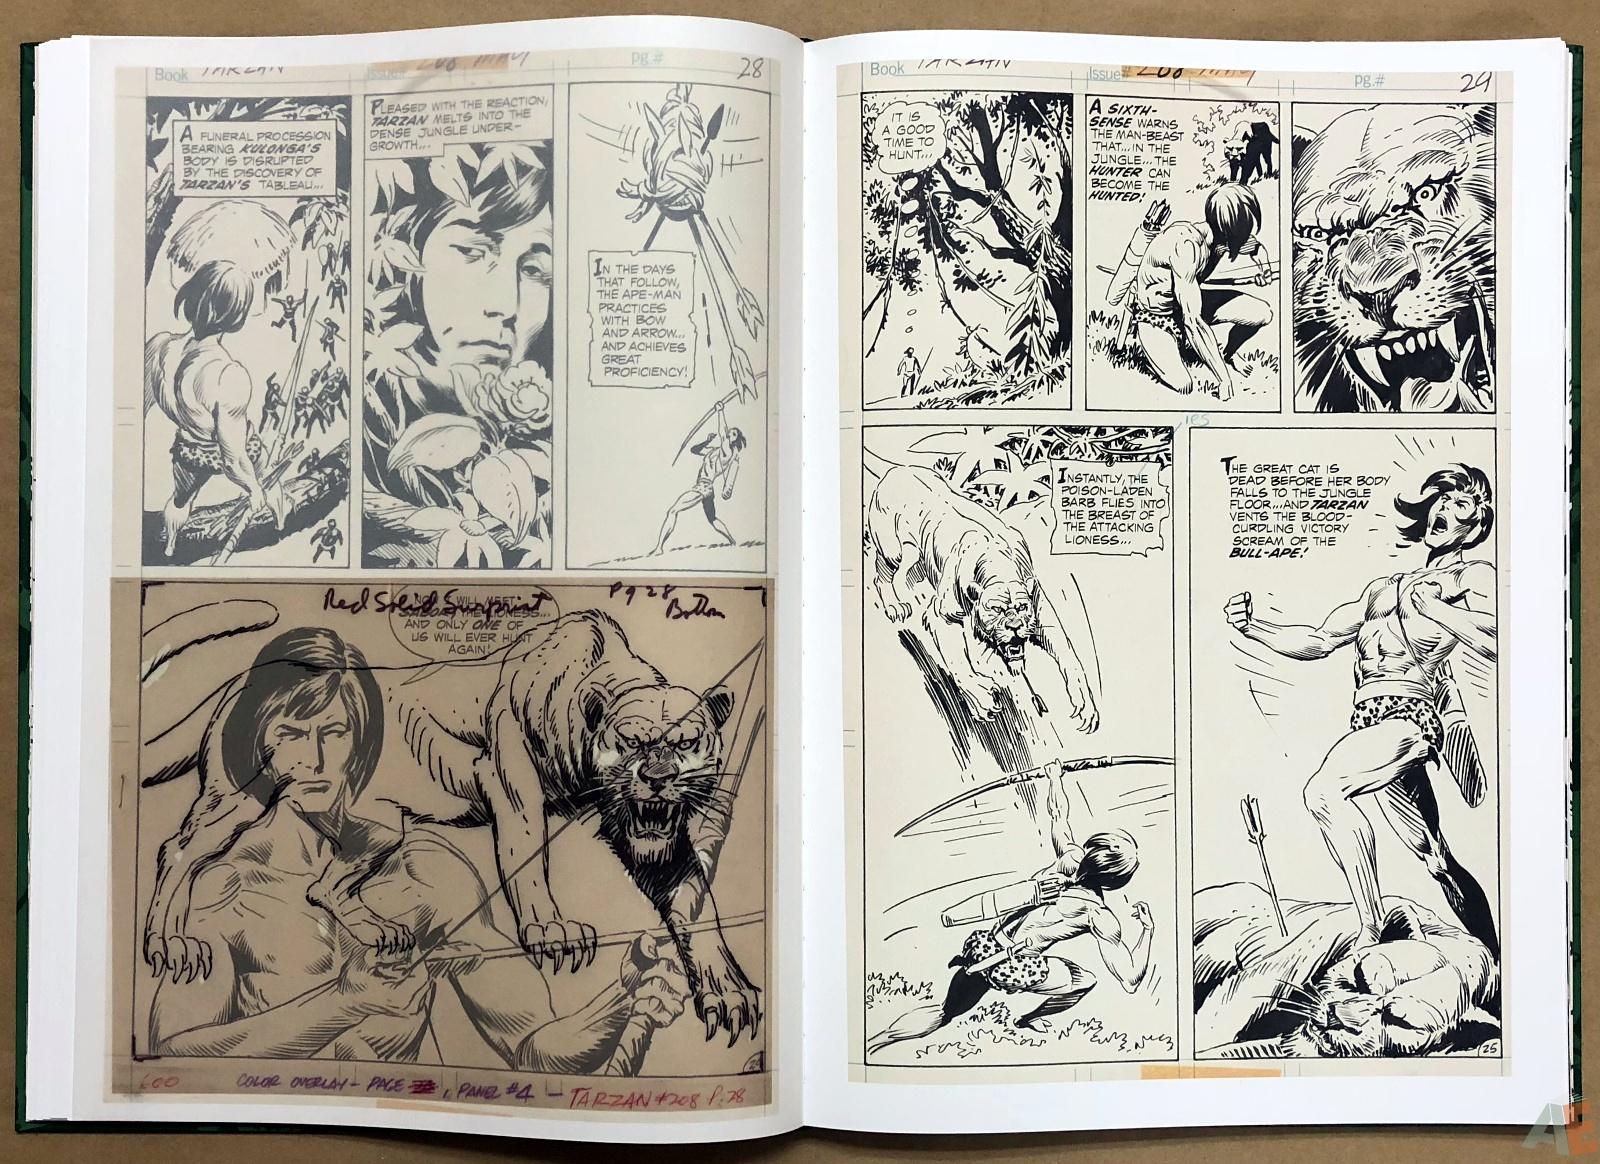 Joe Kubert's Tarzan of the Apes Artist's Edition 24